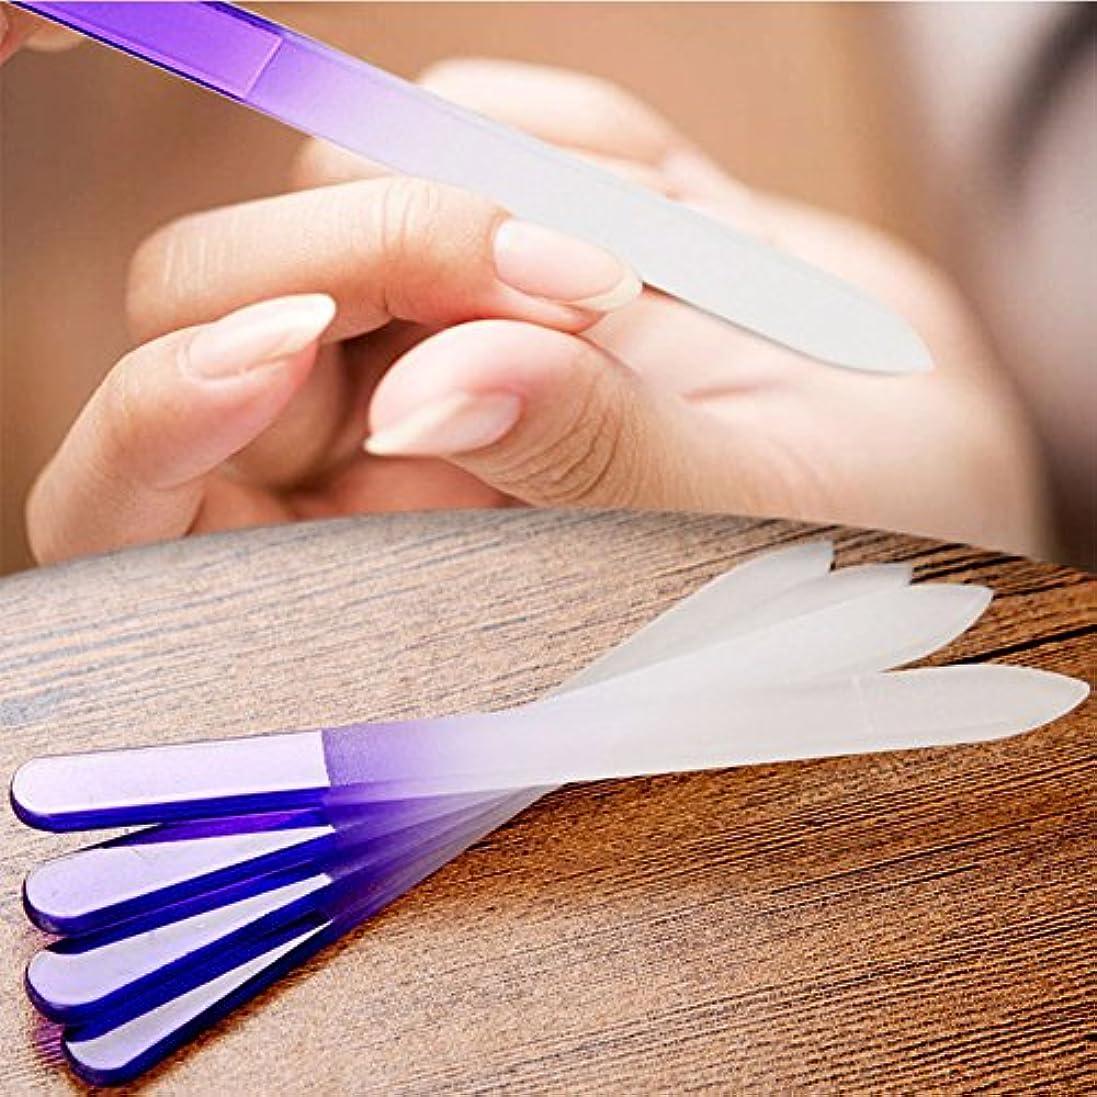 郵便局規範背が高いLiebeye マニキュア ネイル ファイル クリスタル ガラス ファイルバッファー 装置研磨 ネイル アート 装飾 ツール 4本